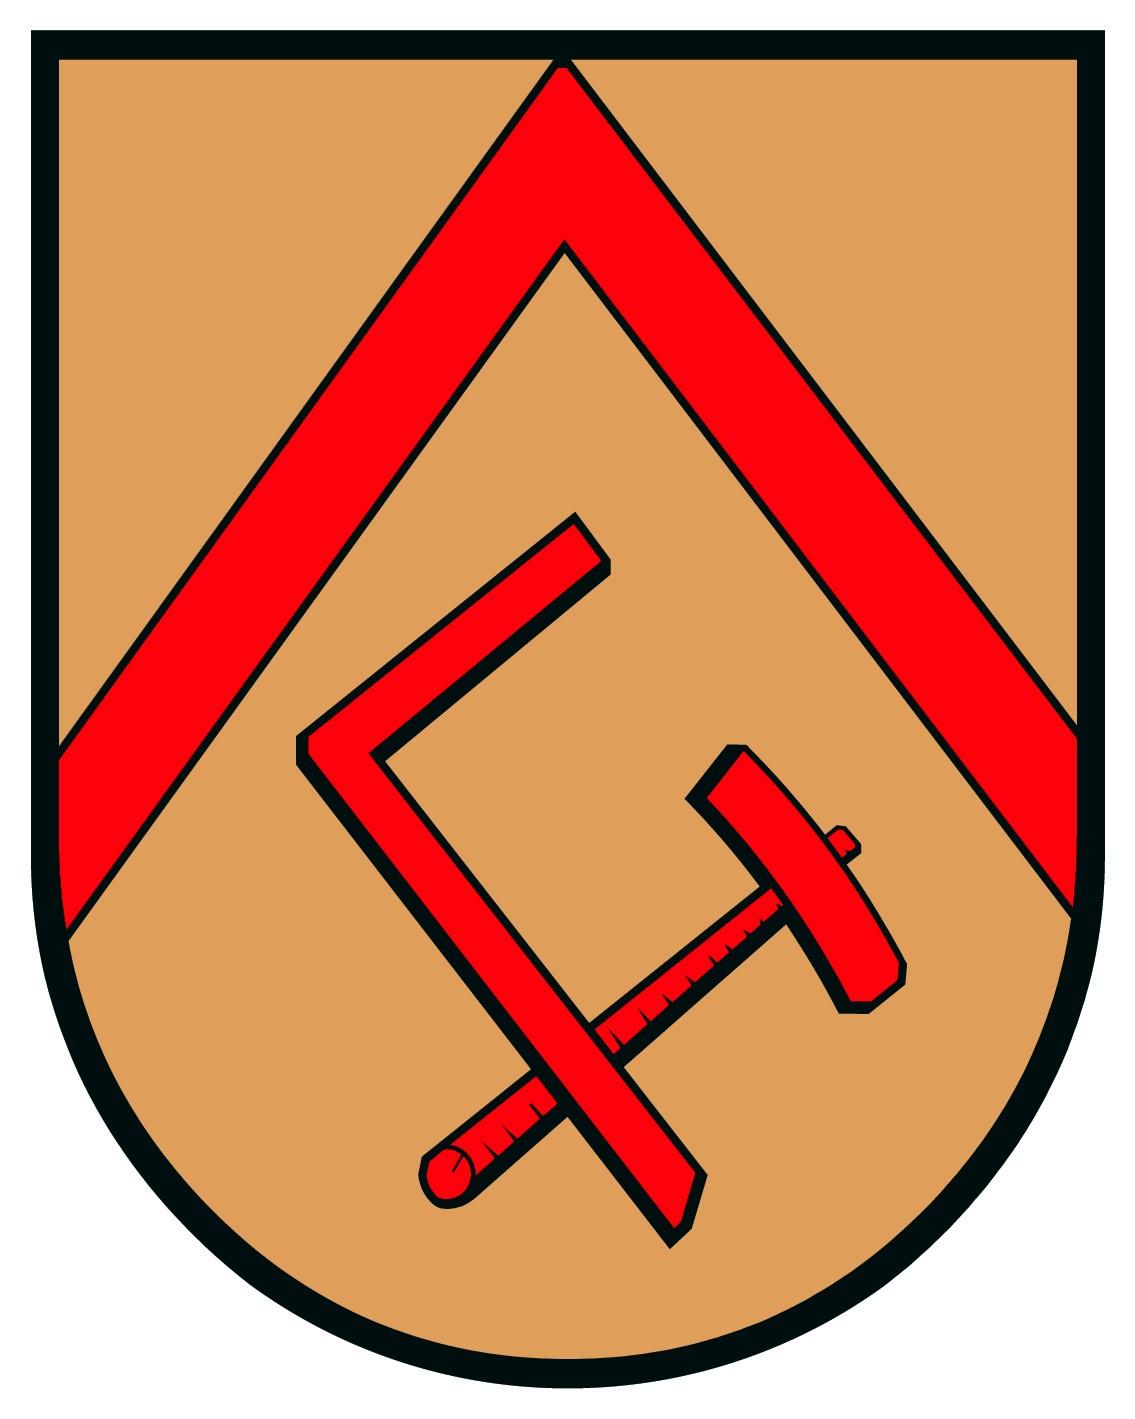 Berger-Wappen.jpg - 117.72 kB